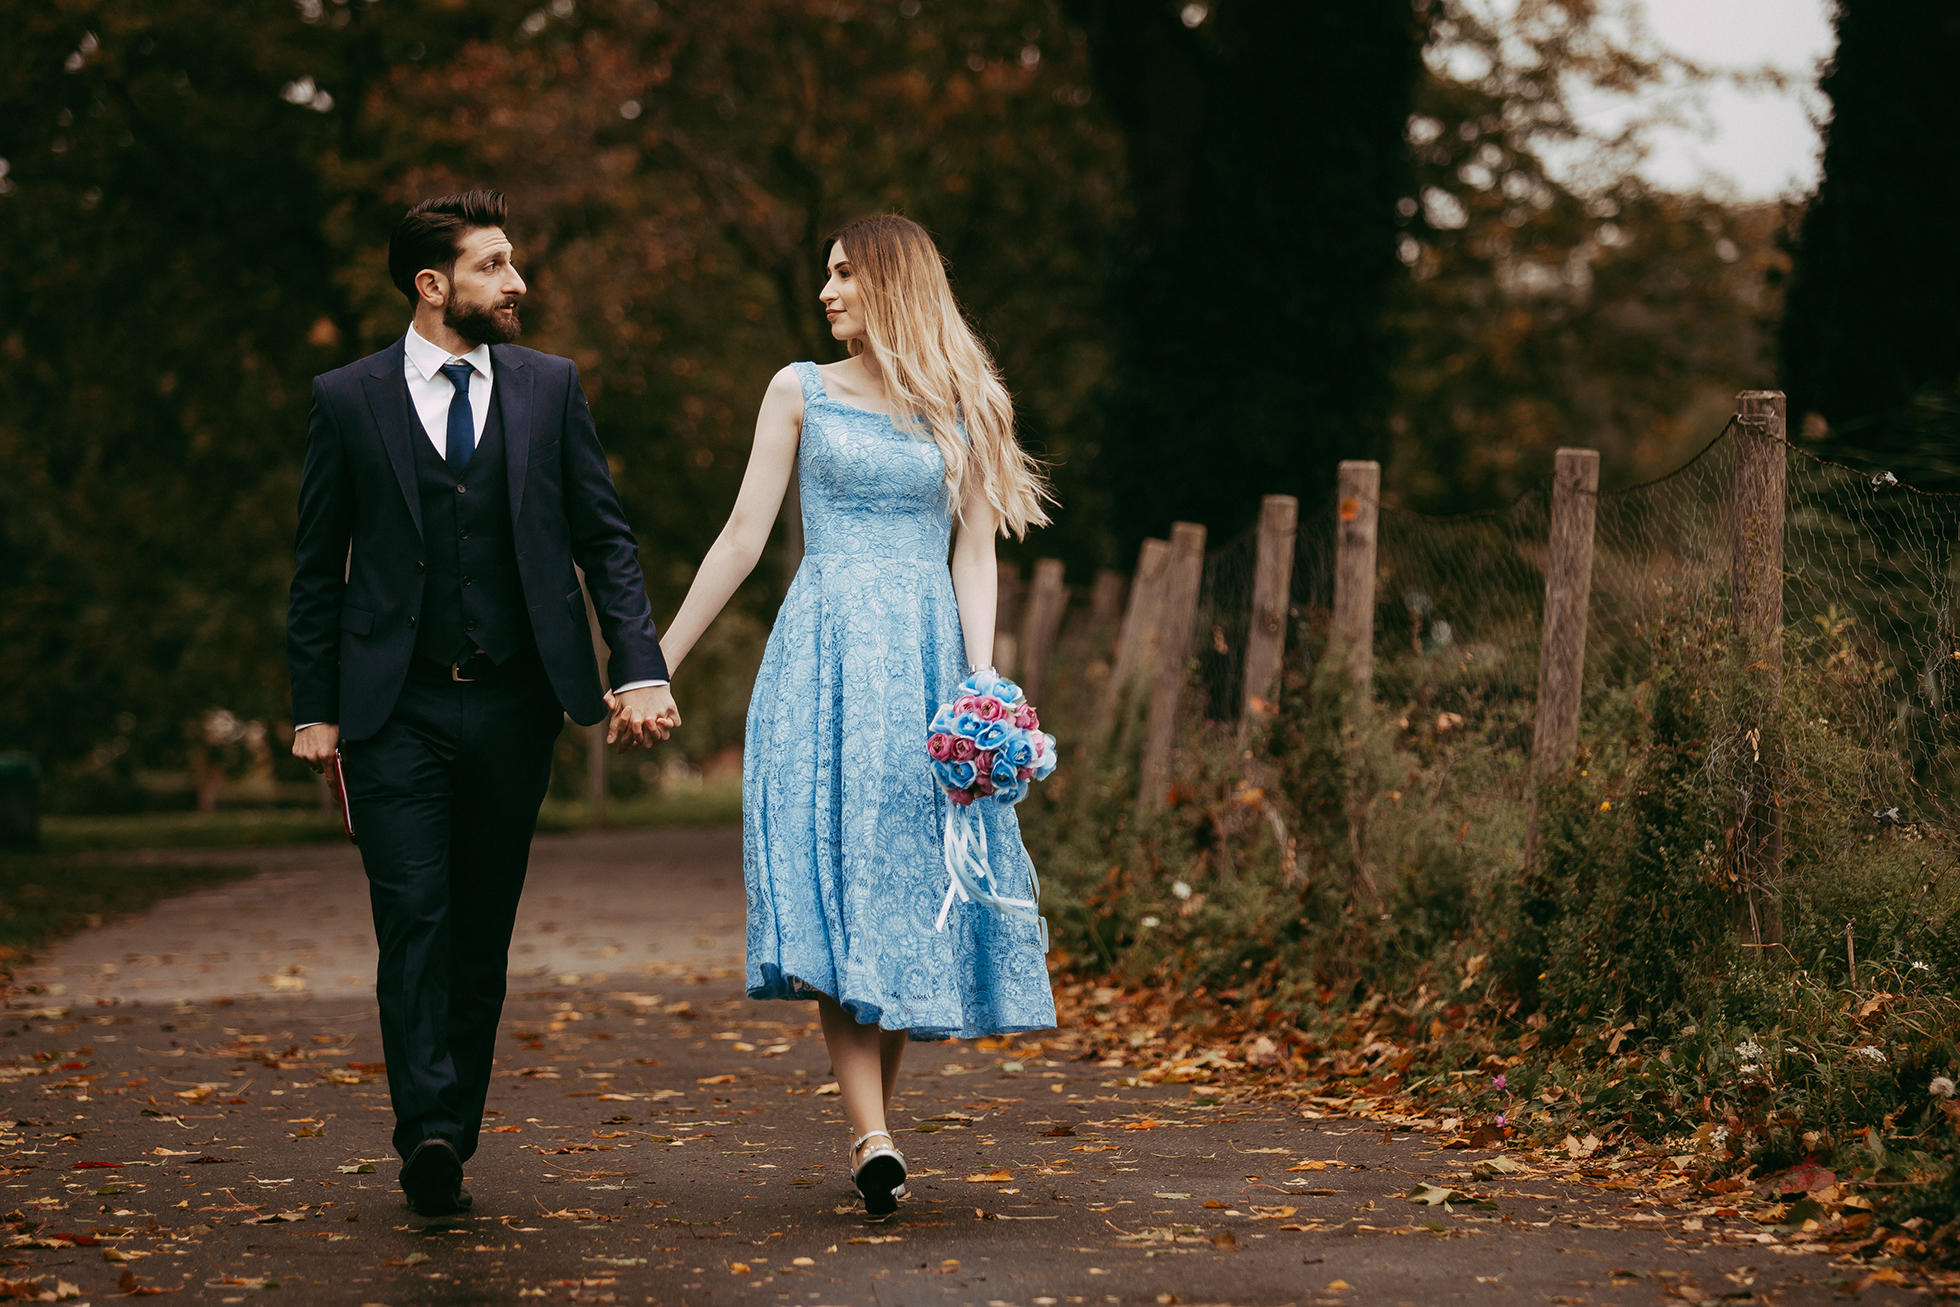 Verlobtes Paar im blauen Kleid gehen durch die Straßen.jpg